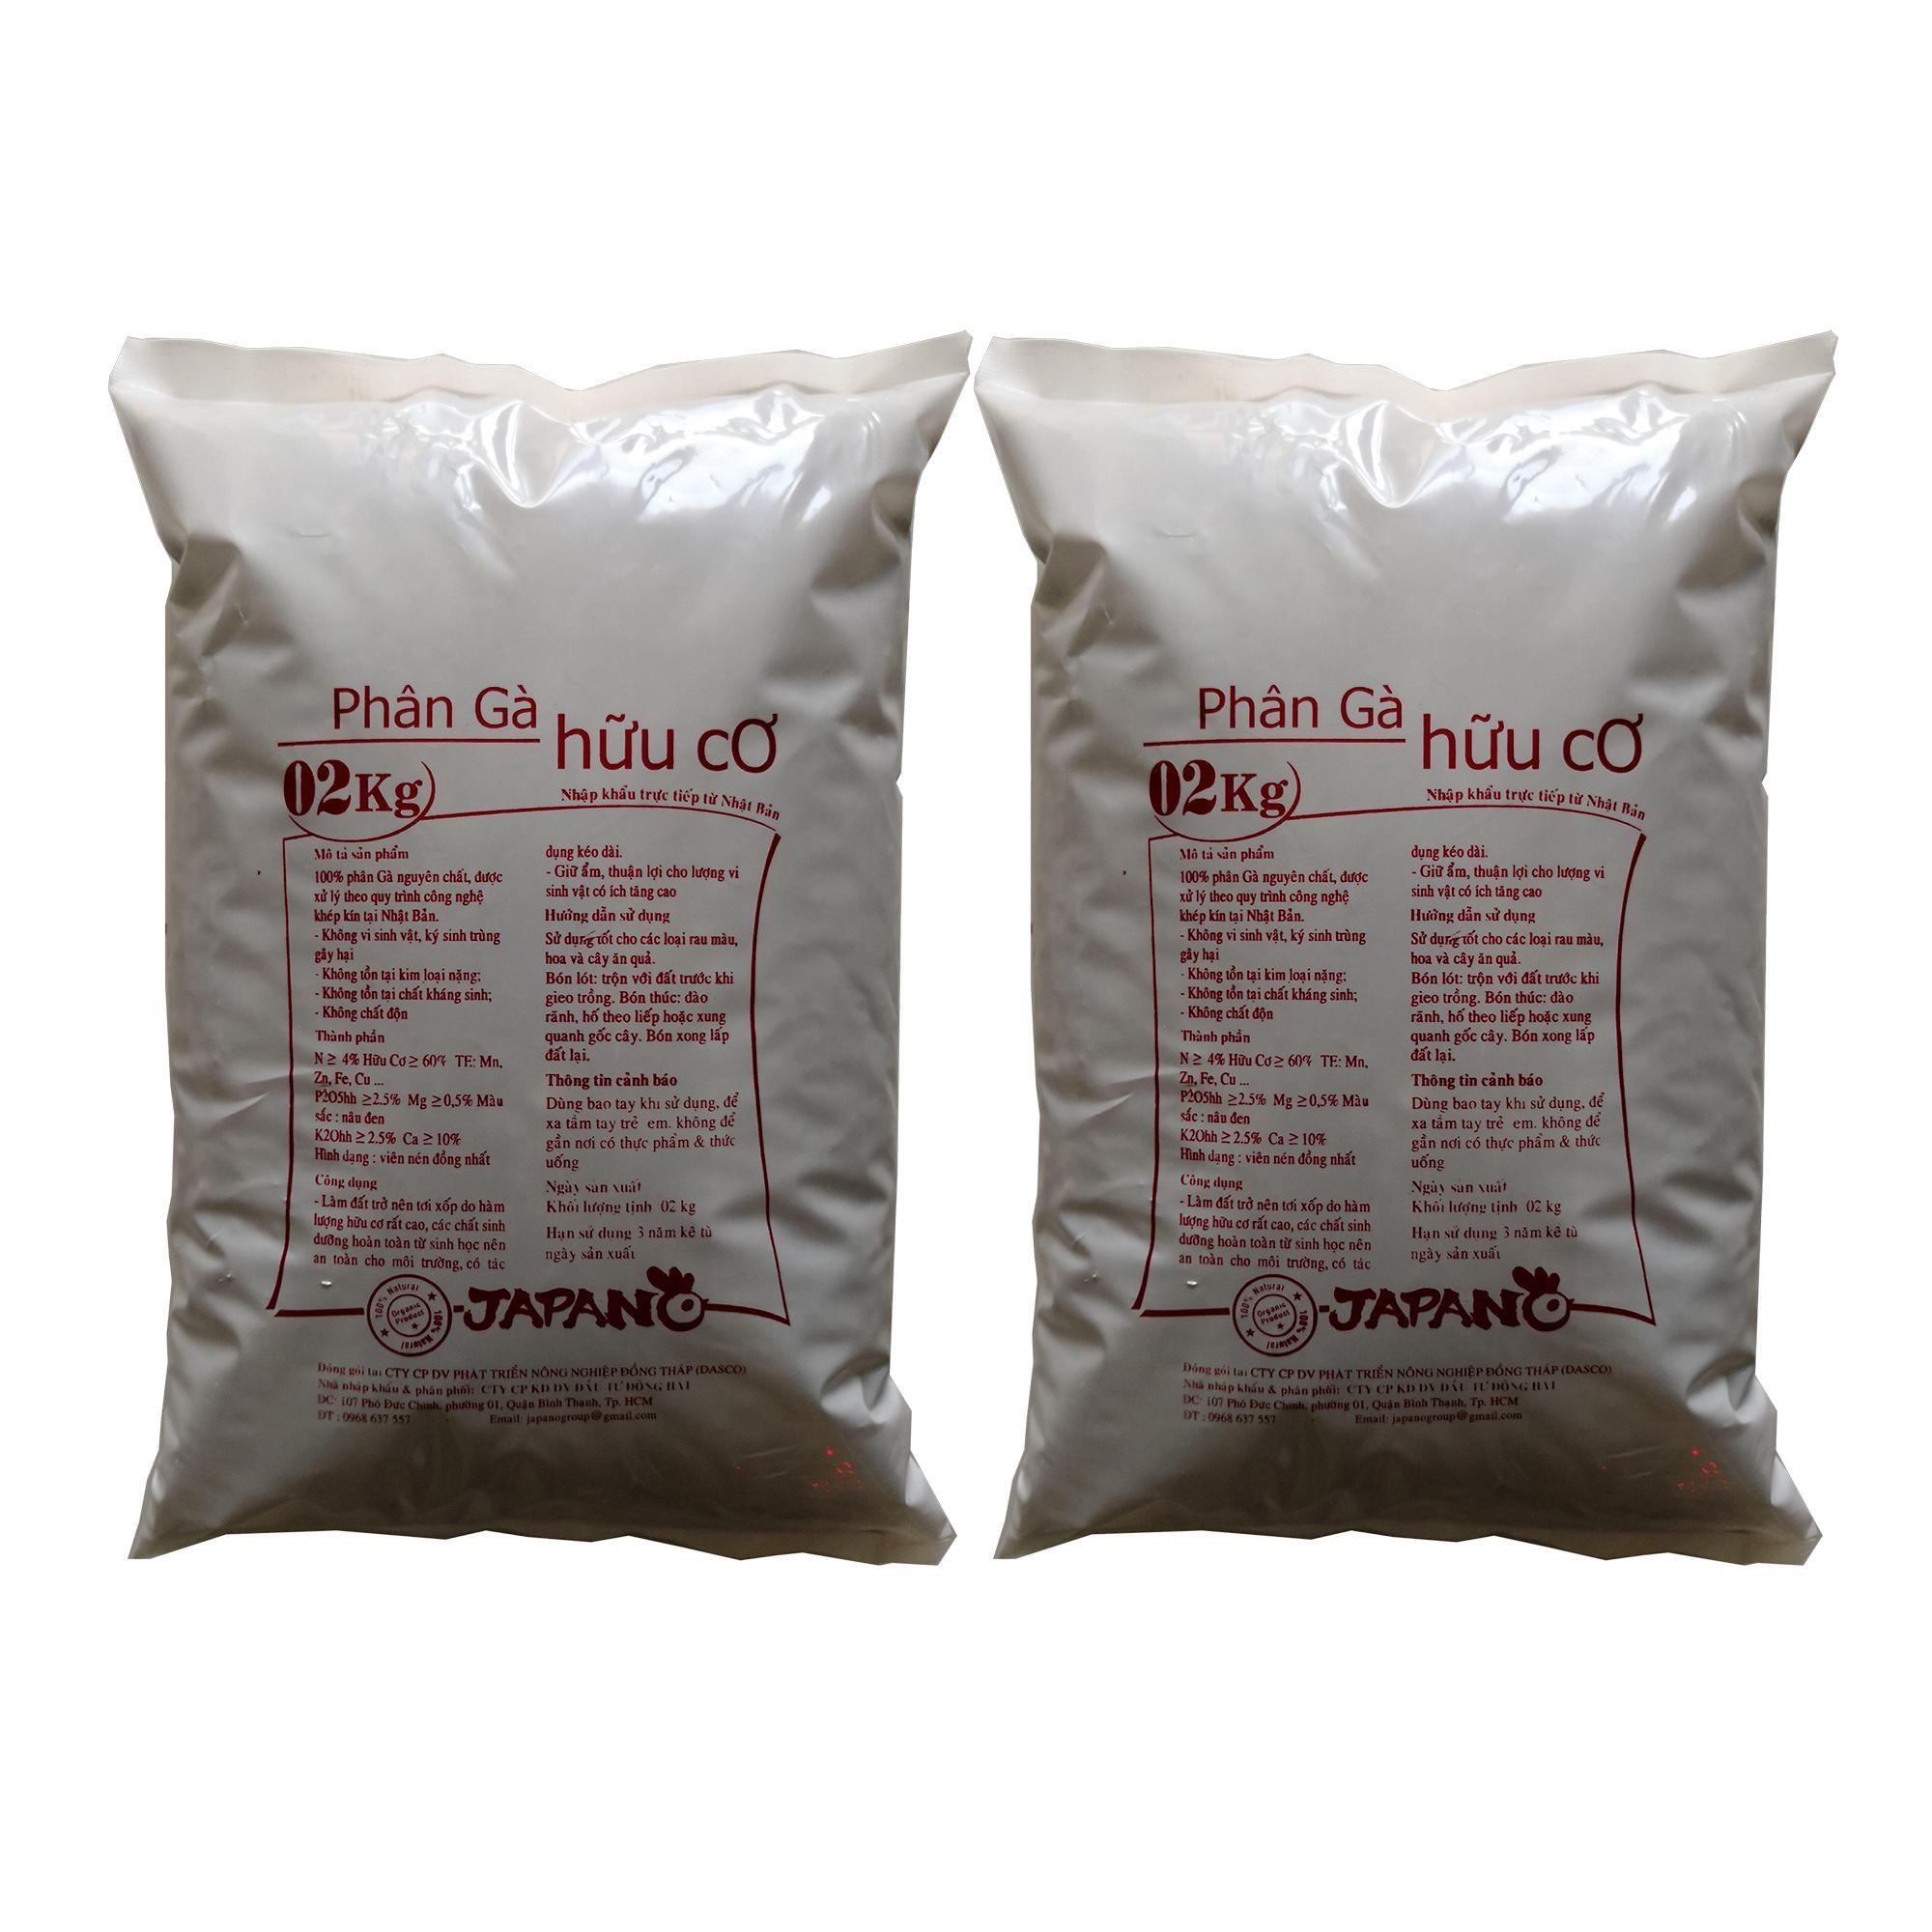 Combo 2 bao phân bón gà hữu cơ Nhật Bản 2kg